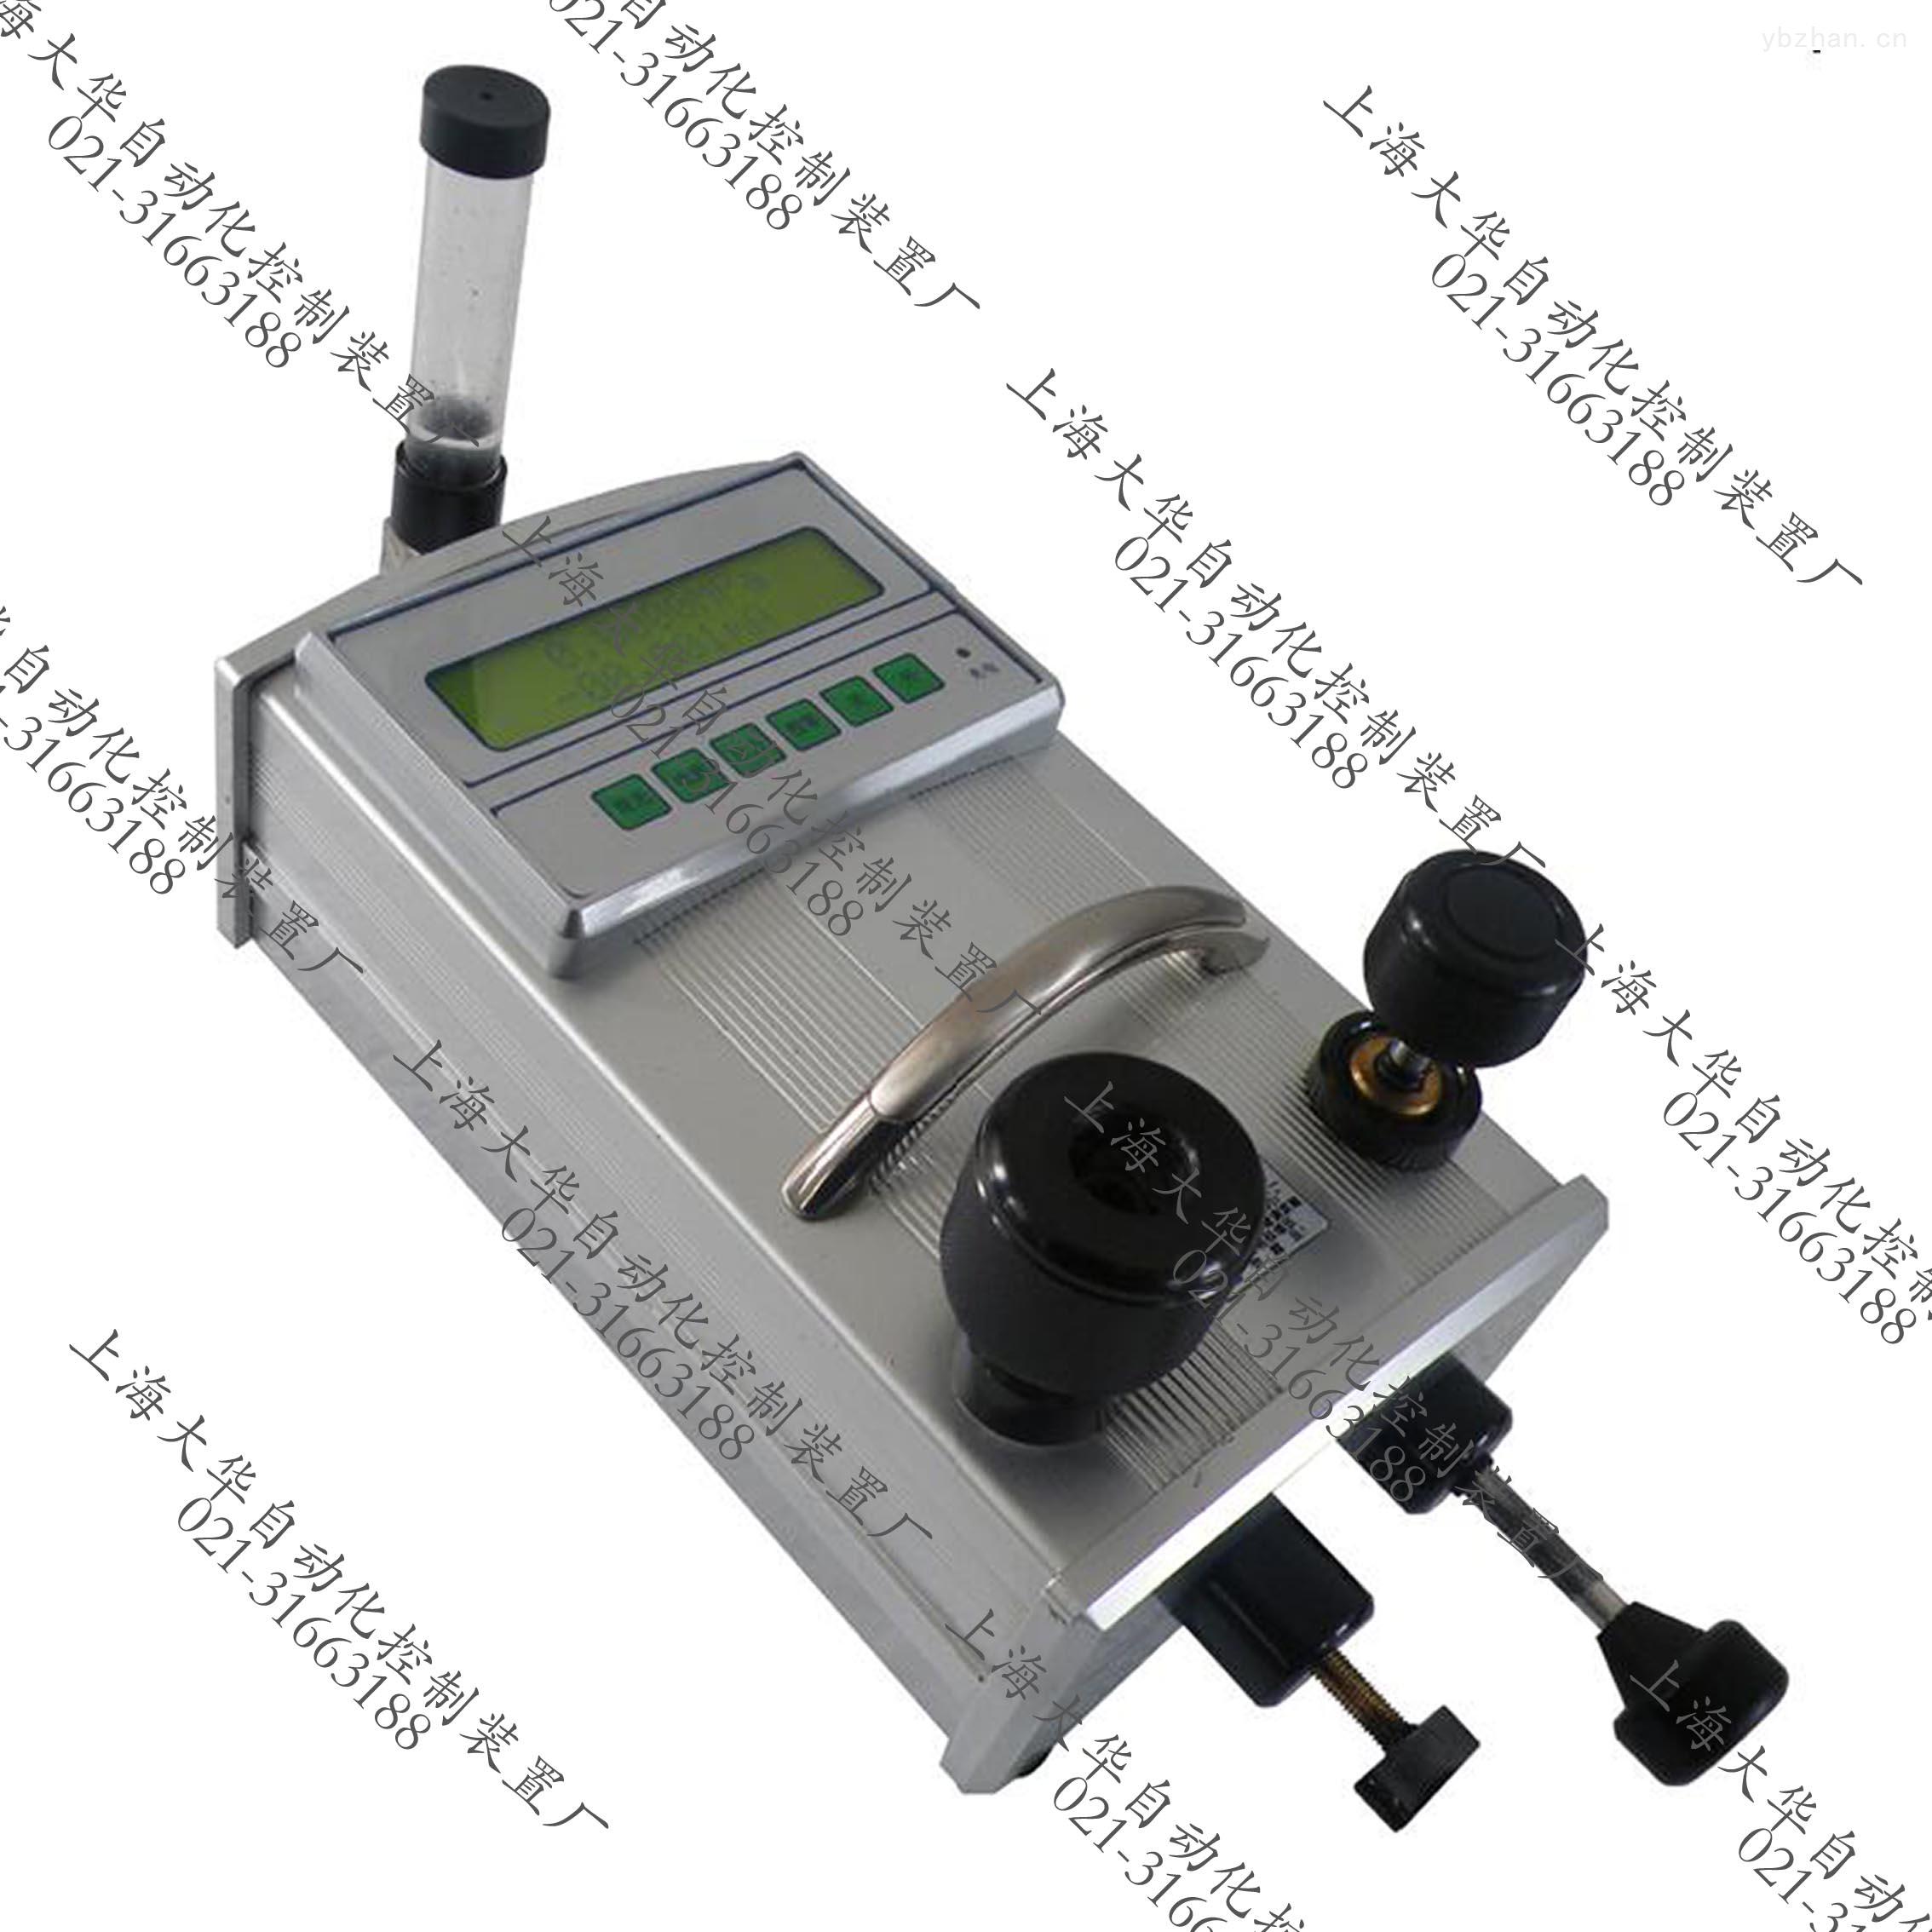 DH-手持式压力校验仪